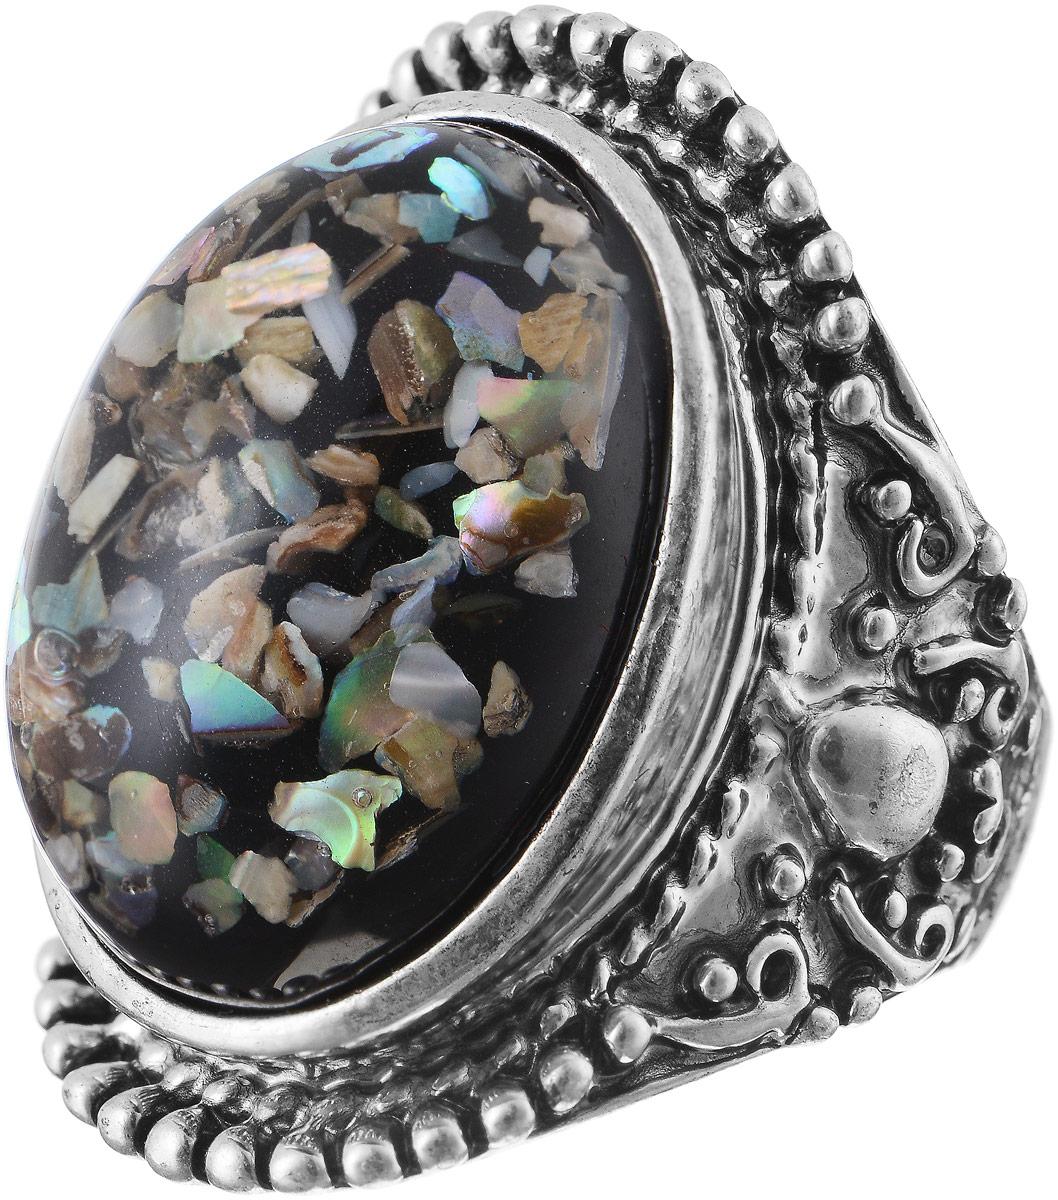 Кольцо Bradex Винтажная история, цвет: серебряный. AS 0022AS 0022Кольцо Bradex Винтажная история изготовлено из металлического сплава. Декоративный элемент выполнен в овальной форме и оформлен вставкой из искусственного камня.